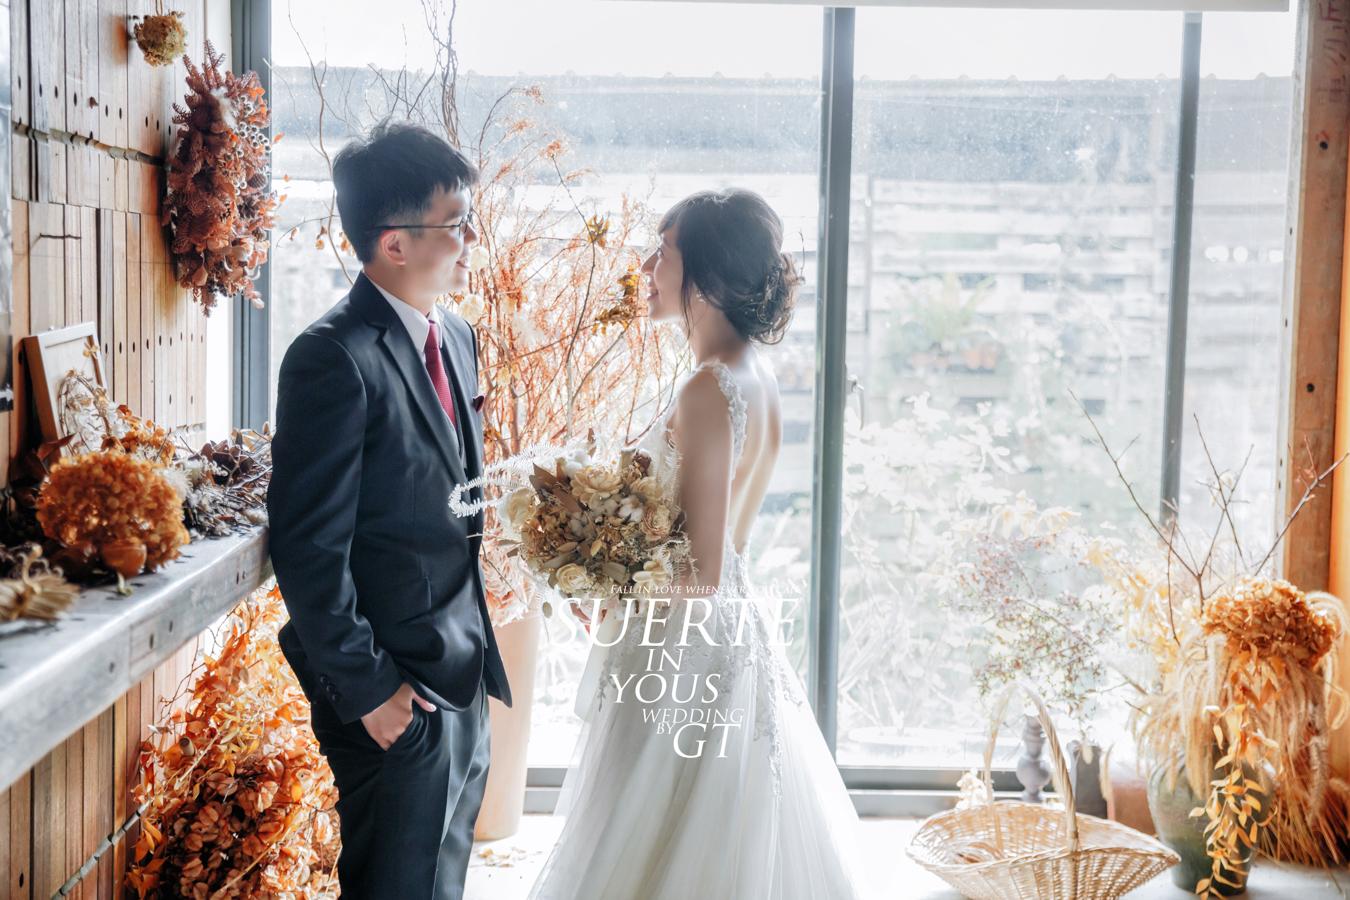 自助婚紗   文智+鈺雅    PREWEDDING 顏氏牧場  國內婚紗 台中婚紗